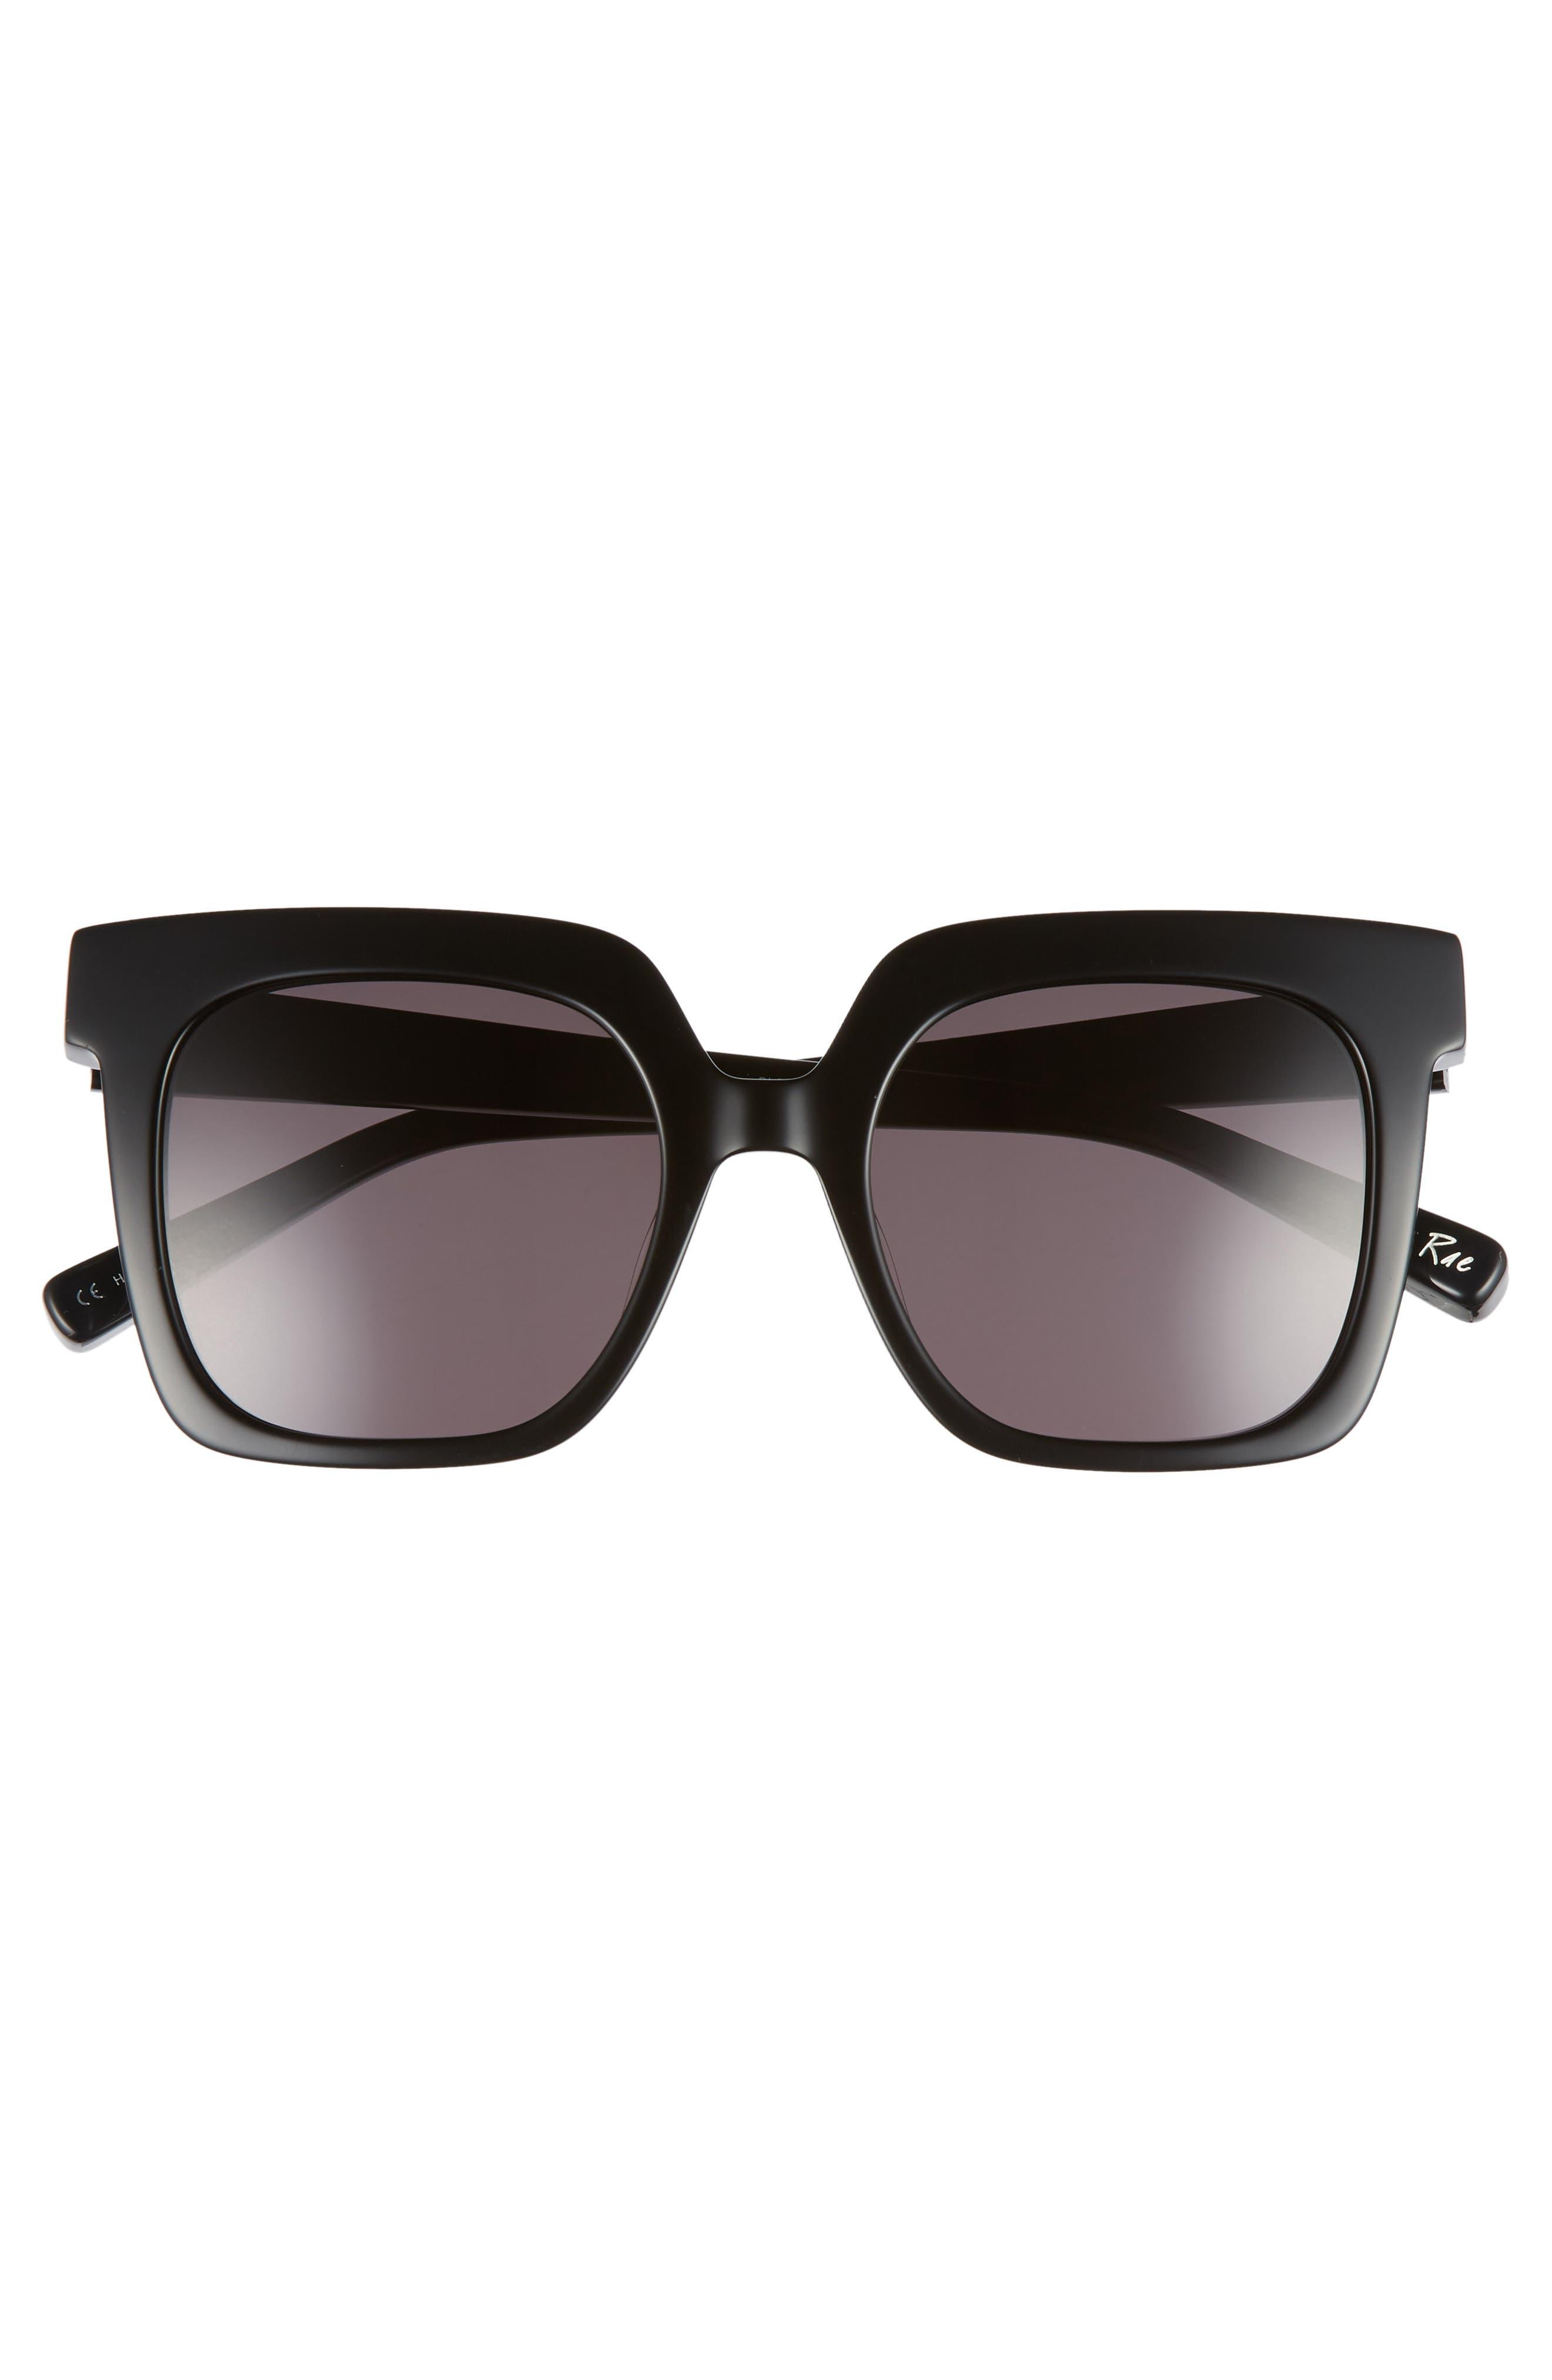 Rae 51mm Square Sunglasses,                             Alternate thumbnail 7, color,